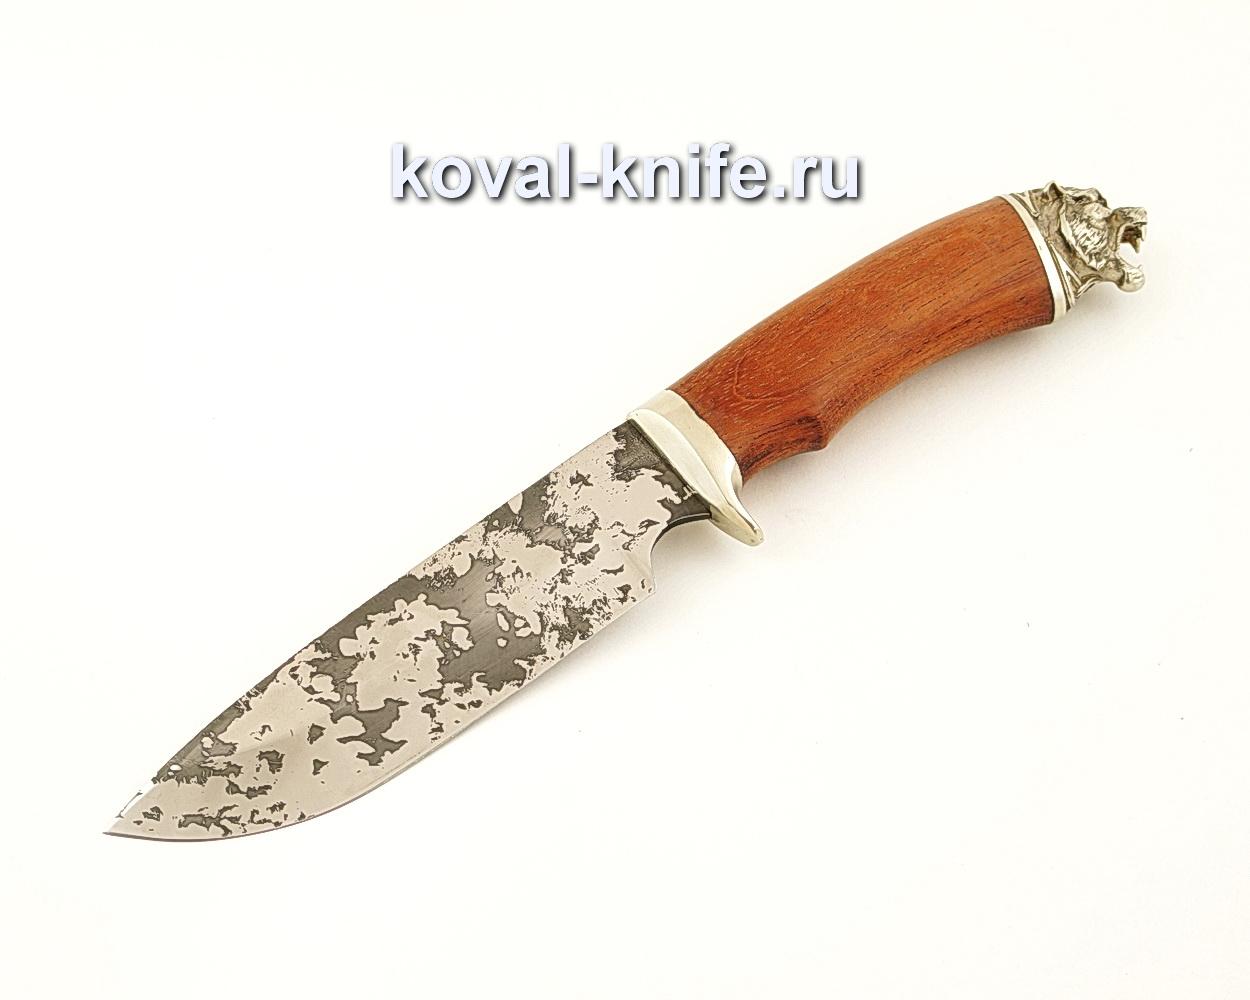 Нож Барс из кованой стали 95Х18 с рукоятью из бубинги  A632